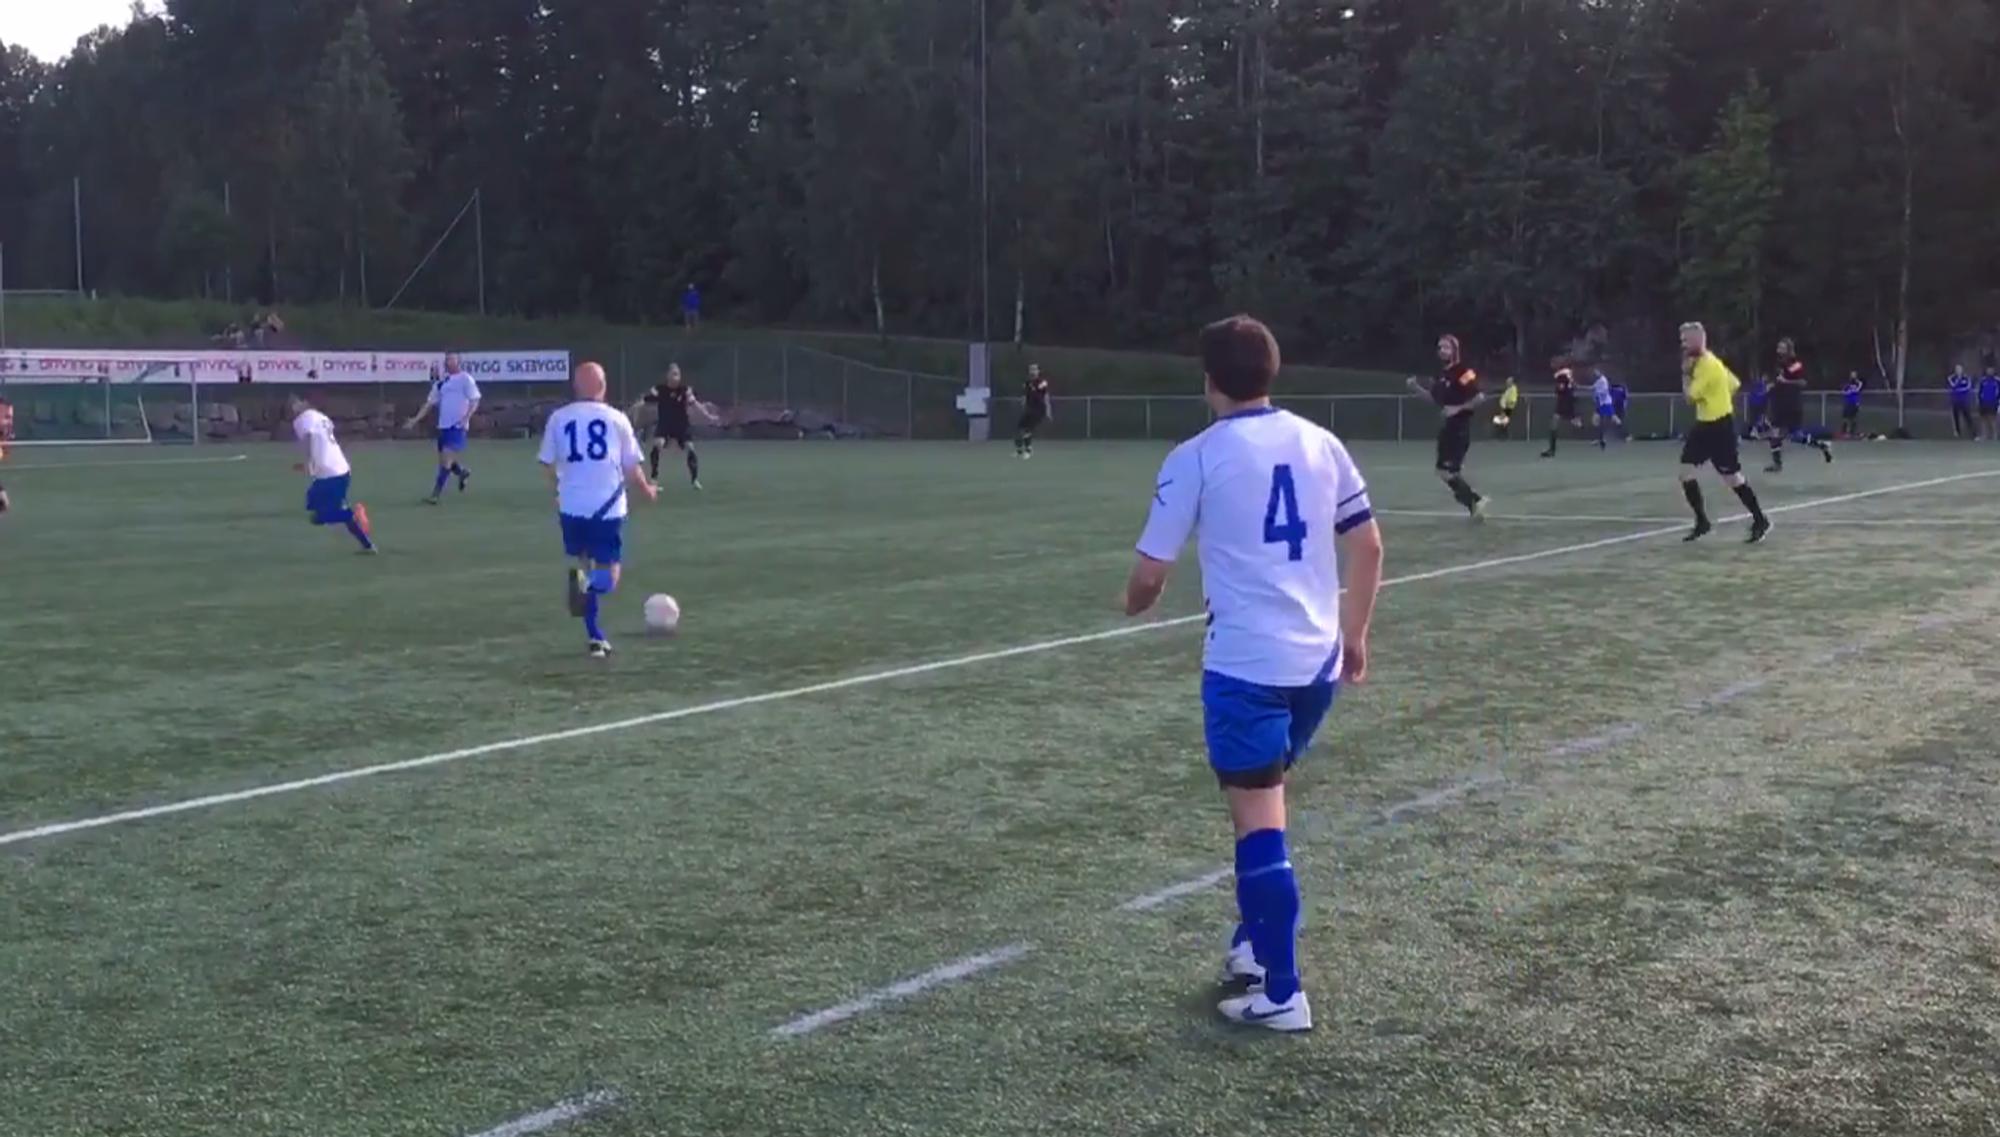 BEDRE ENN I FJOR: A-laget viser gode takter i årets sesong. Her spiller de mot Lille Tøyen i starten av sesongen, en kamp de vant 2-1.